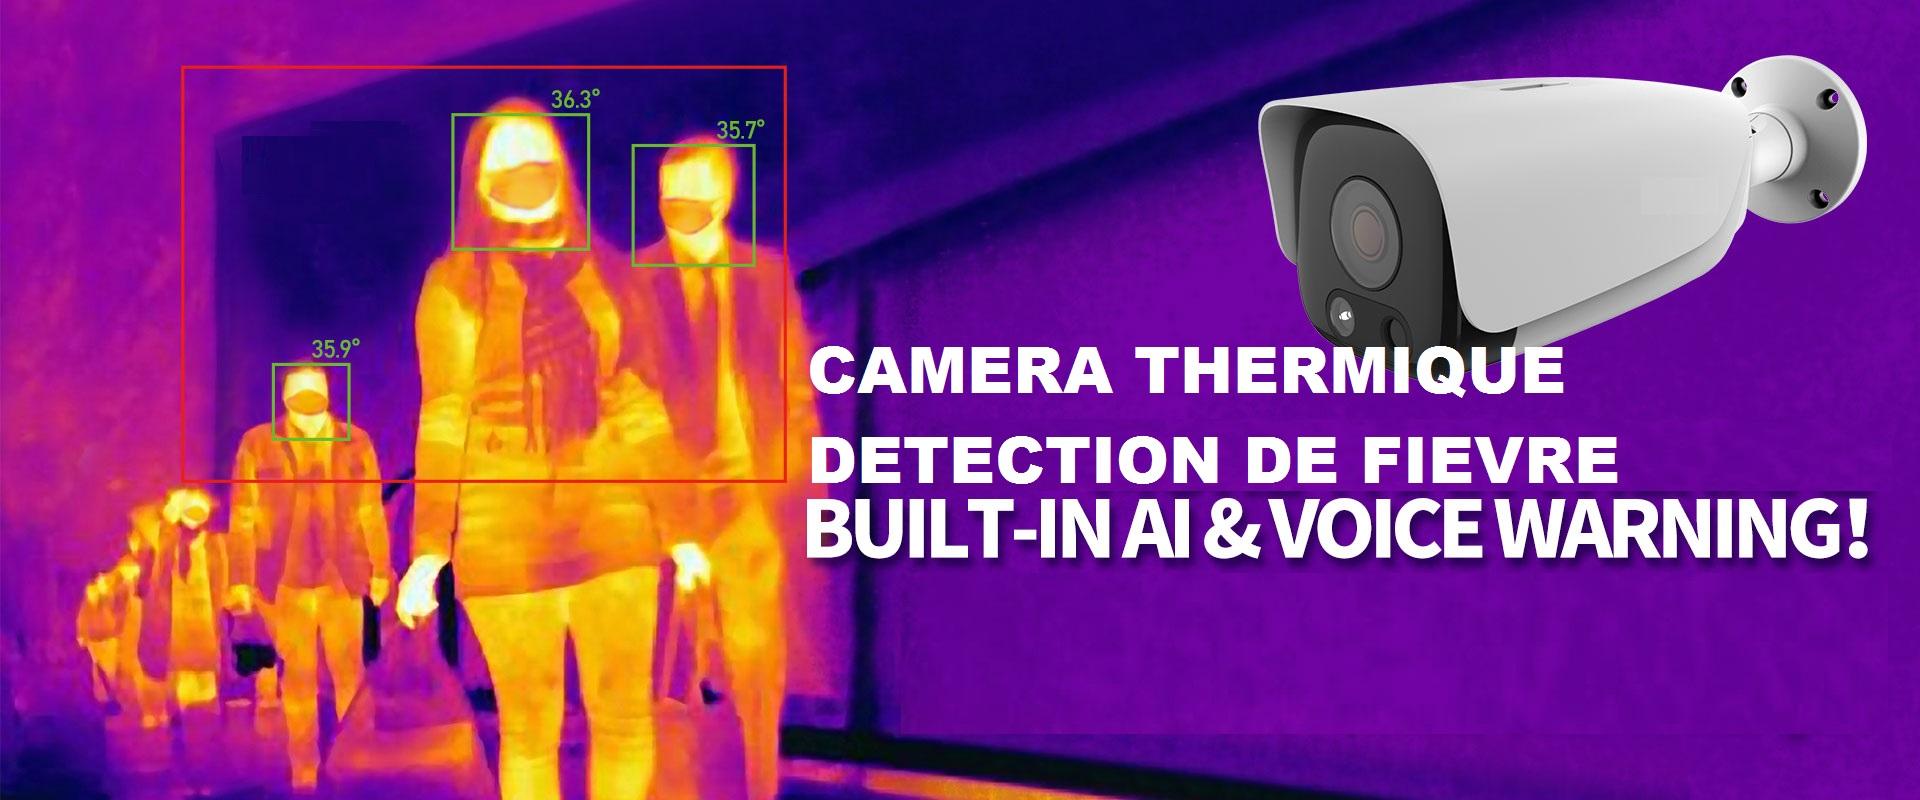 camera thermique avec capteur de fievre et masque